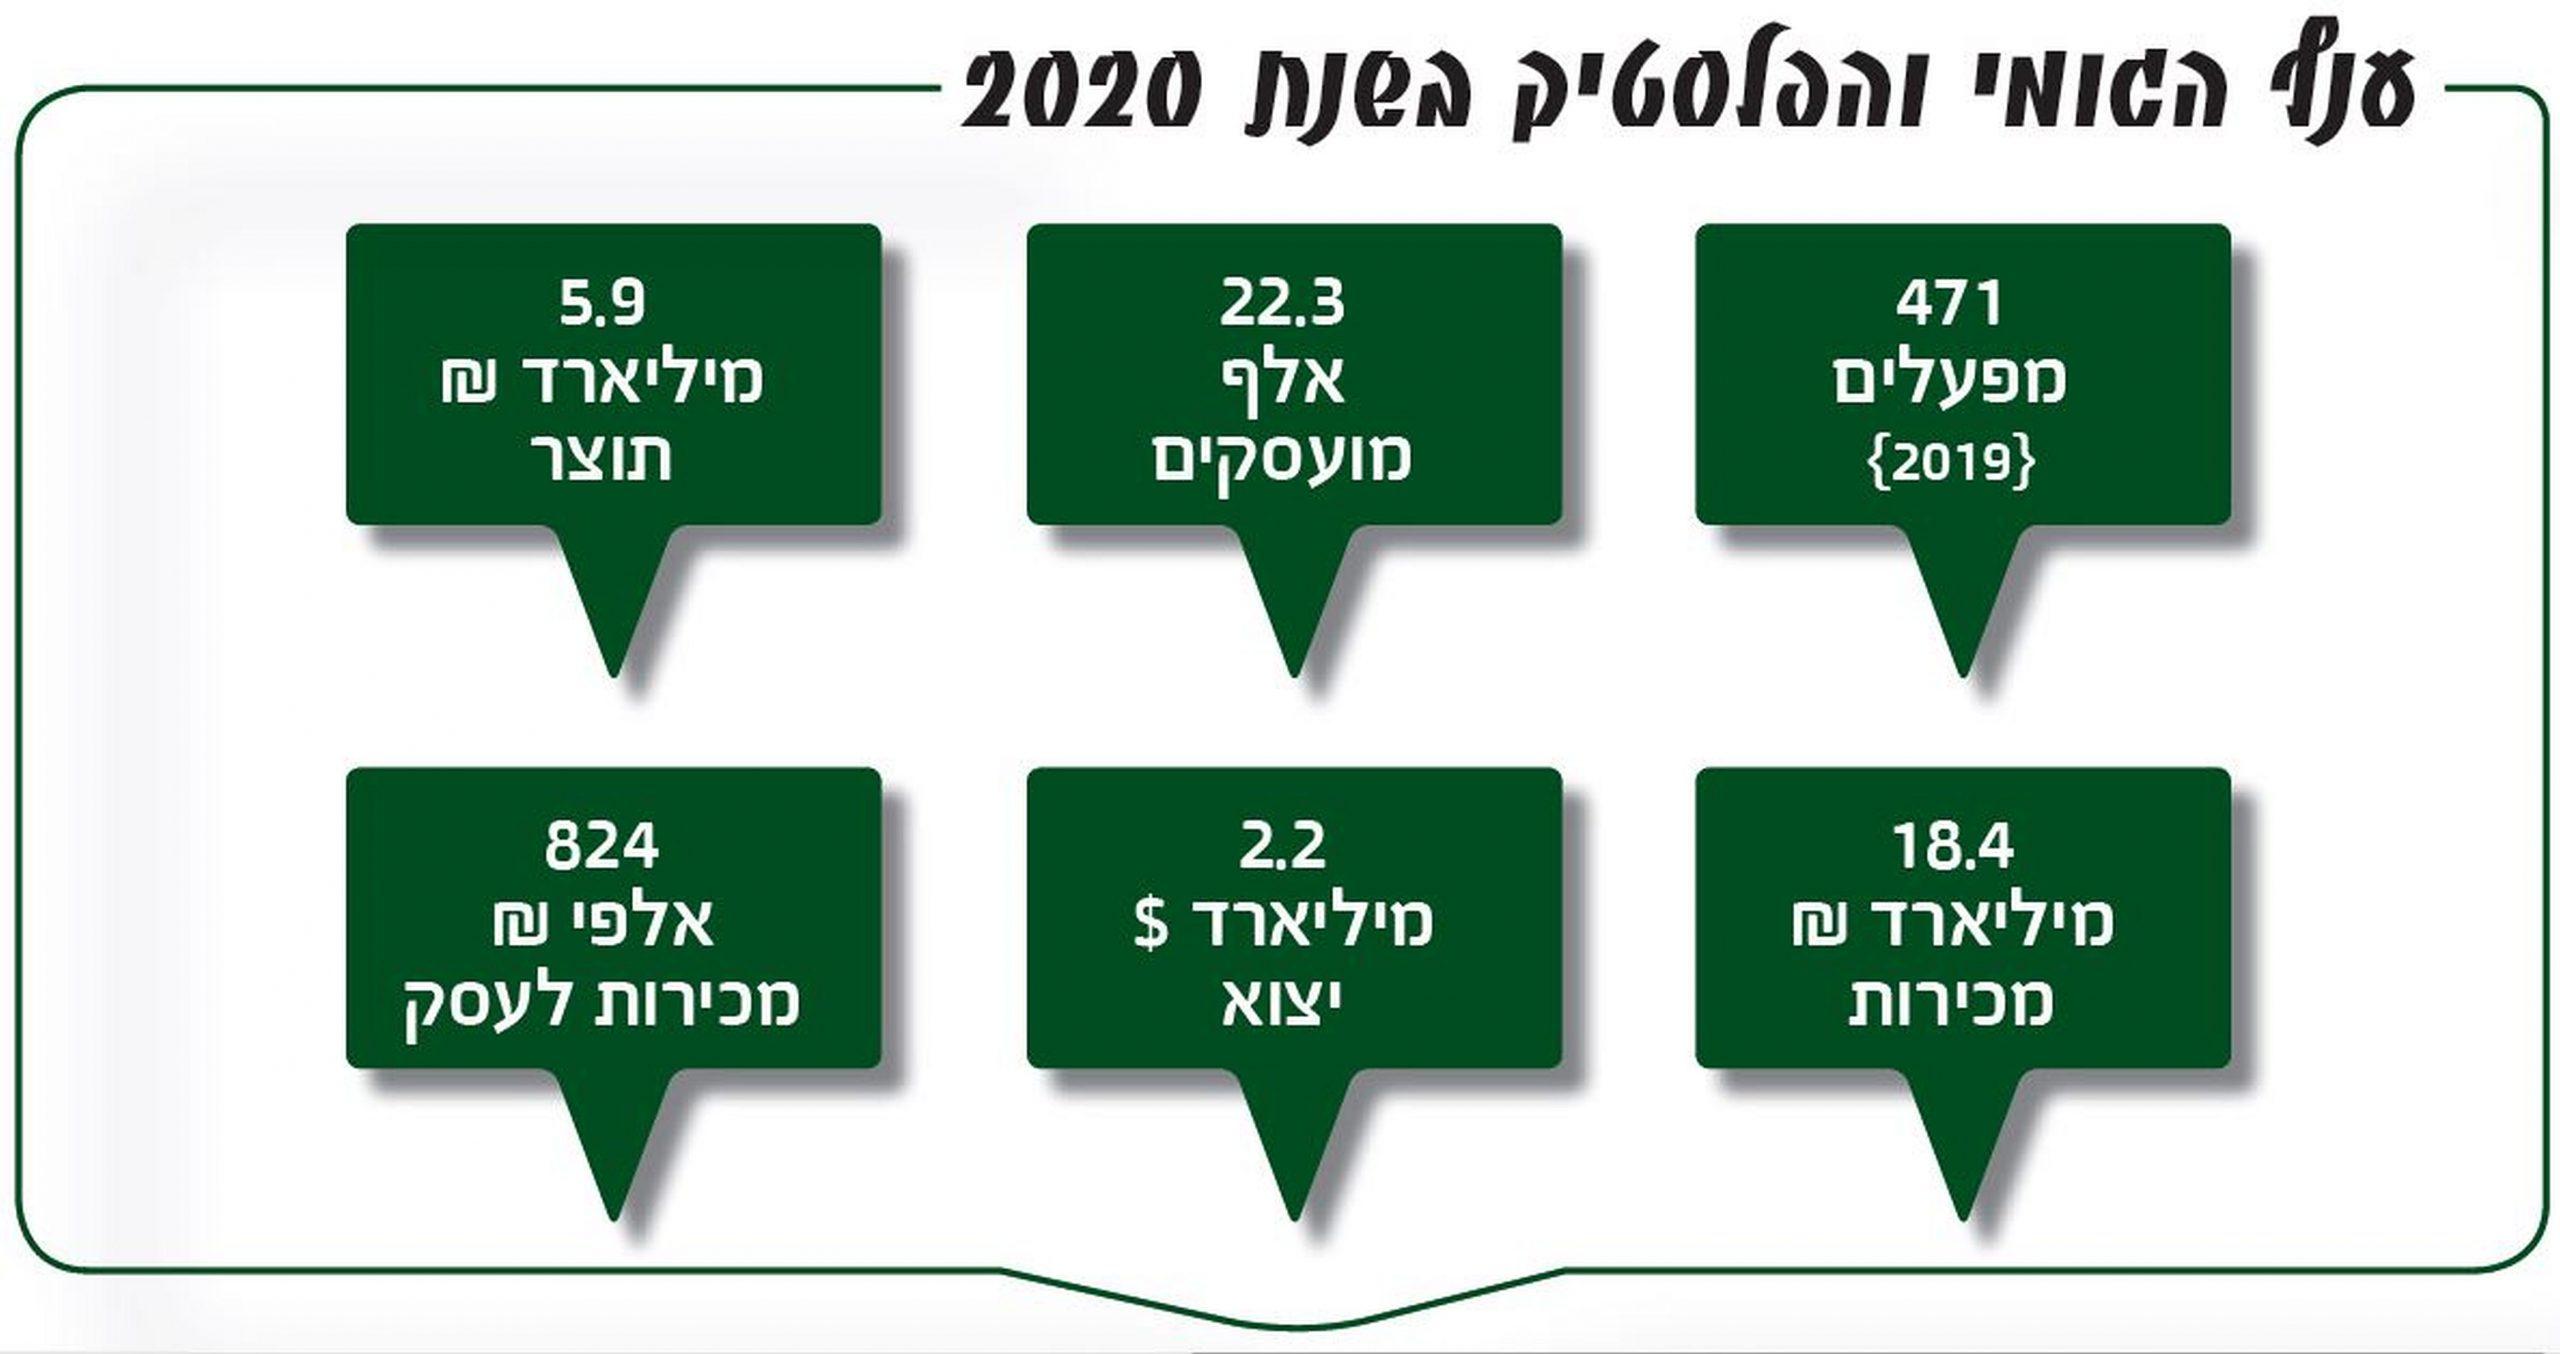 התאחדות התעשיינים מסכמת את שנת 2020